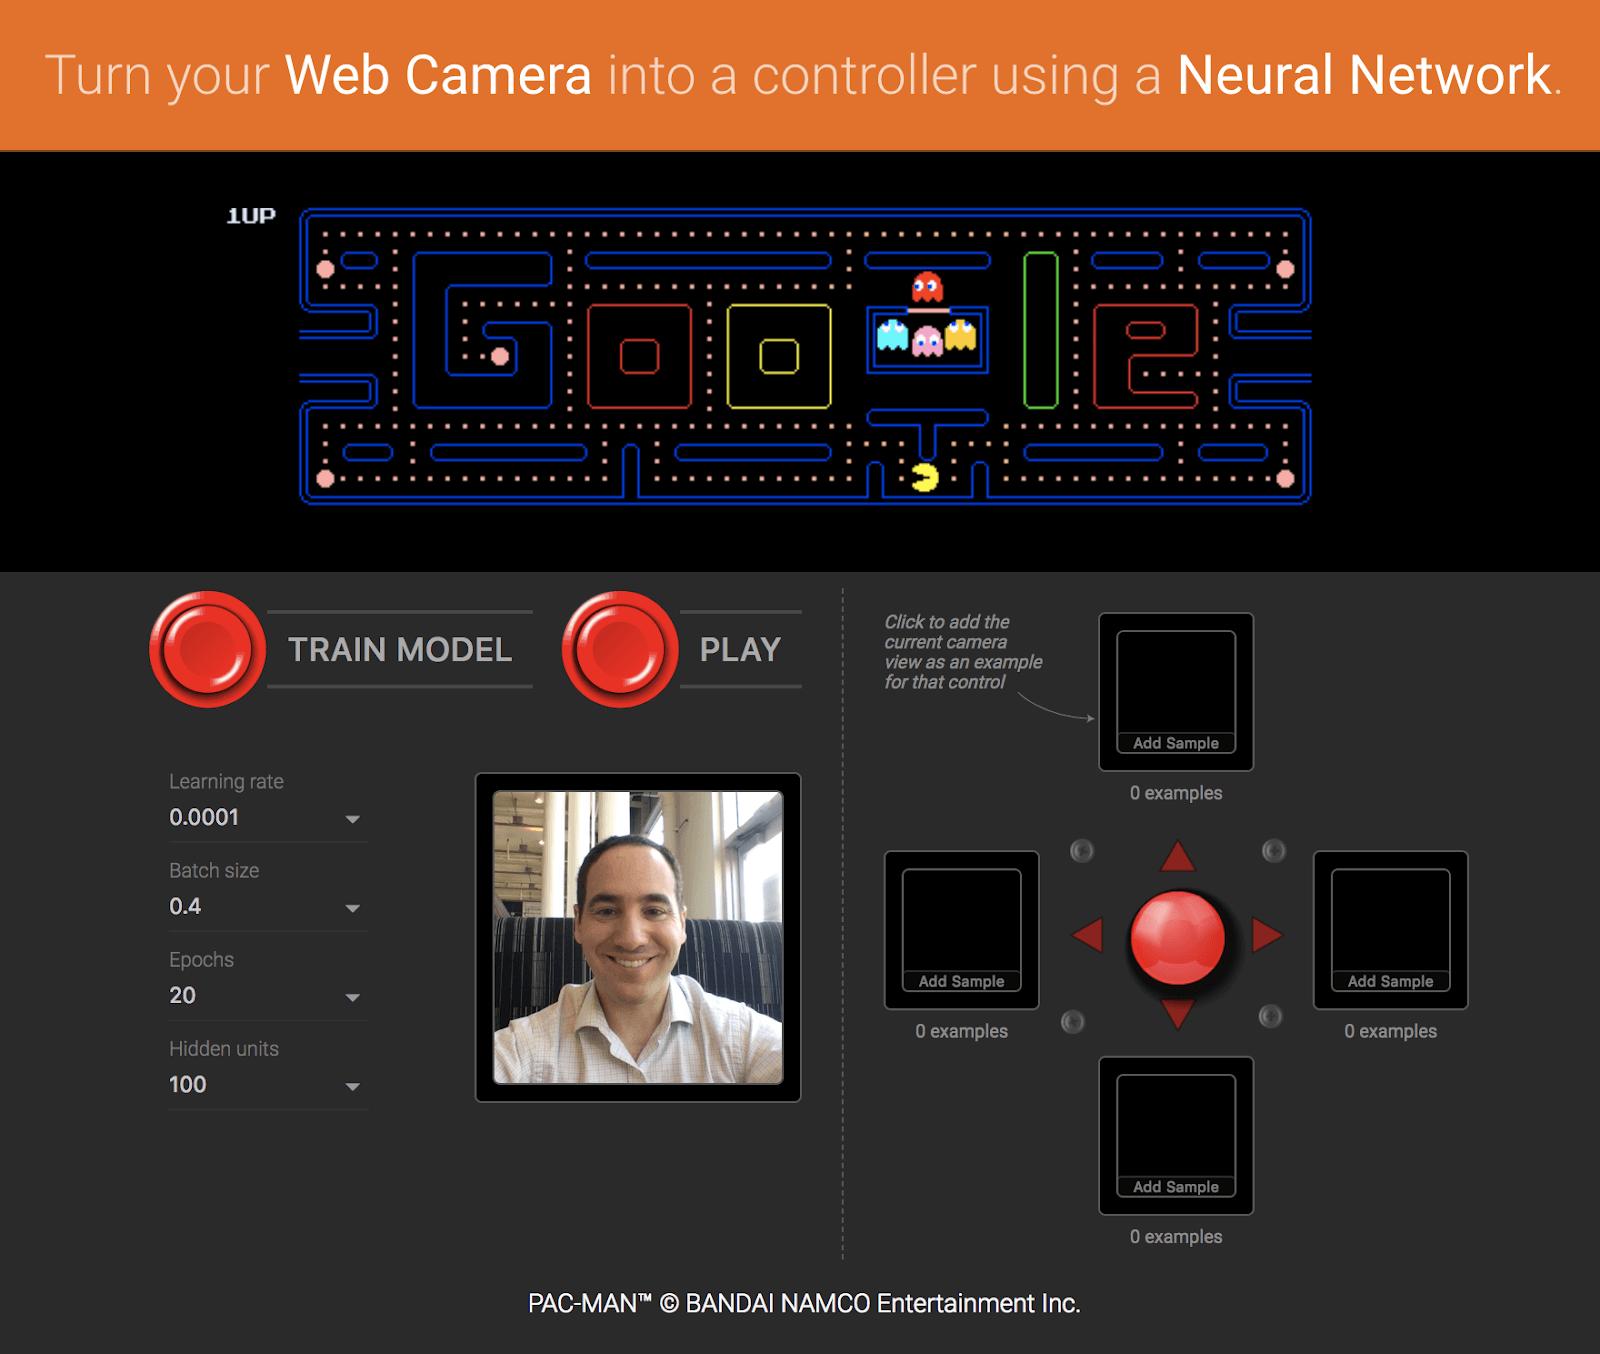 Превратите свою веб-камеру в пульт управления для PAC-MAN с помощью нейронной сети